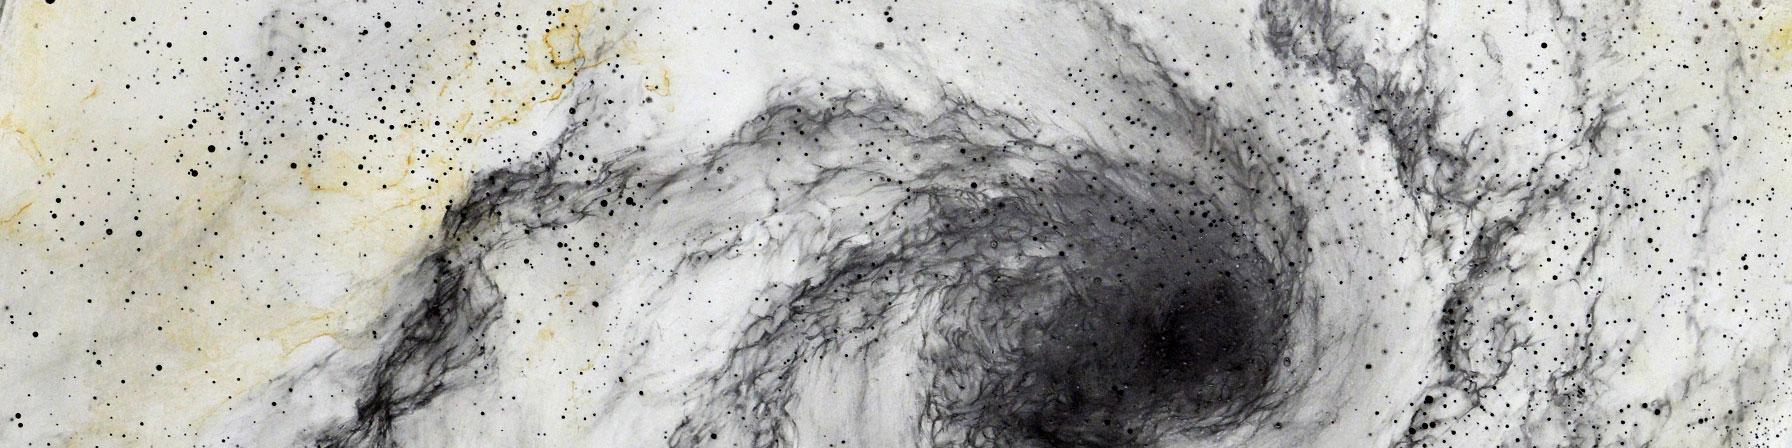 現代美術アーティスト・山本基が鉛筆で描く細密ドローイング。